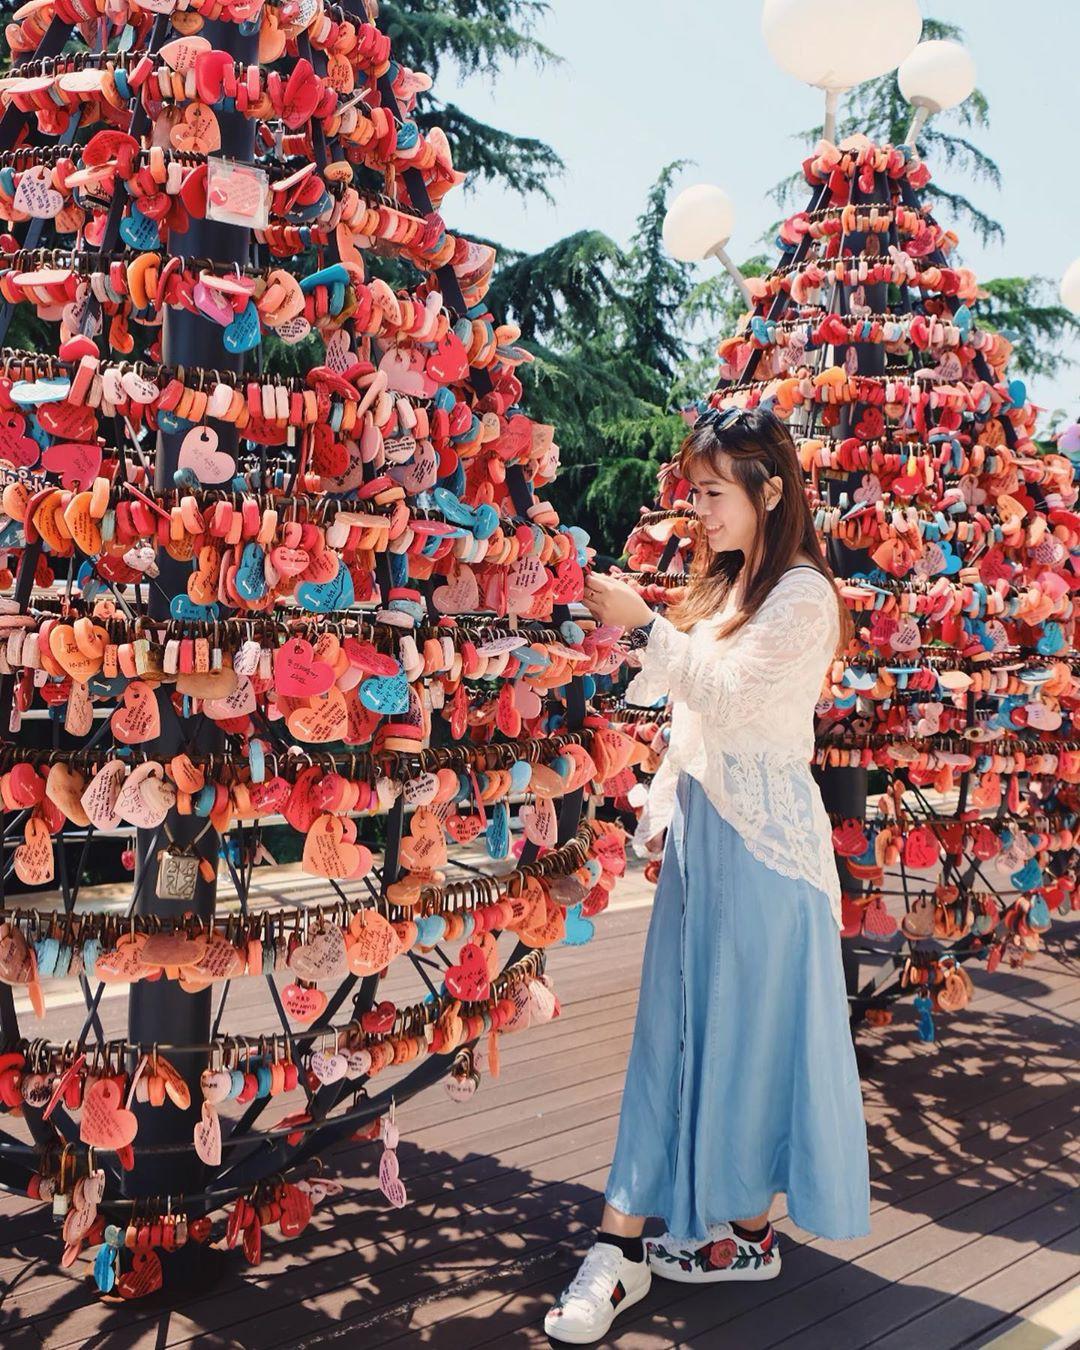 Mê mệt với những điểm đến hút khách du lịch bậc nhất Busan - Ảnh 28.